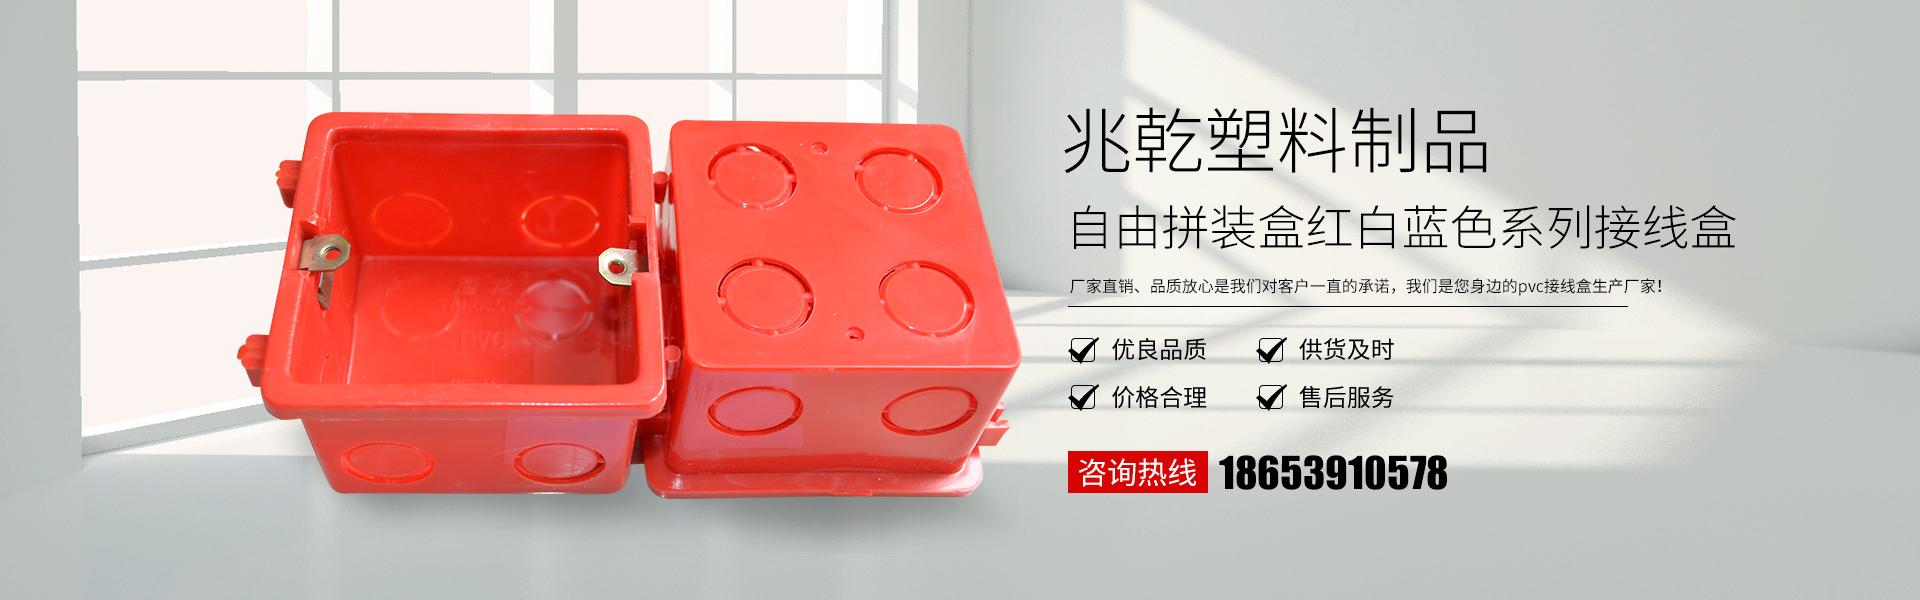 临沂兆乾塑料制品厂是一家专业生产PVC接线盒,加厚接线盒的生产厂家,规格齐全,颜色多样,价格合理,品质保障,咨询热线:18653910578.